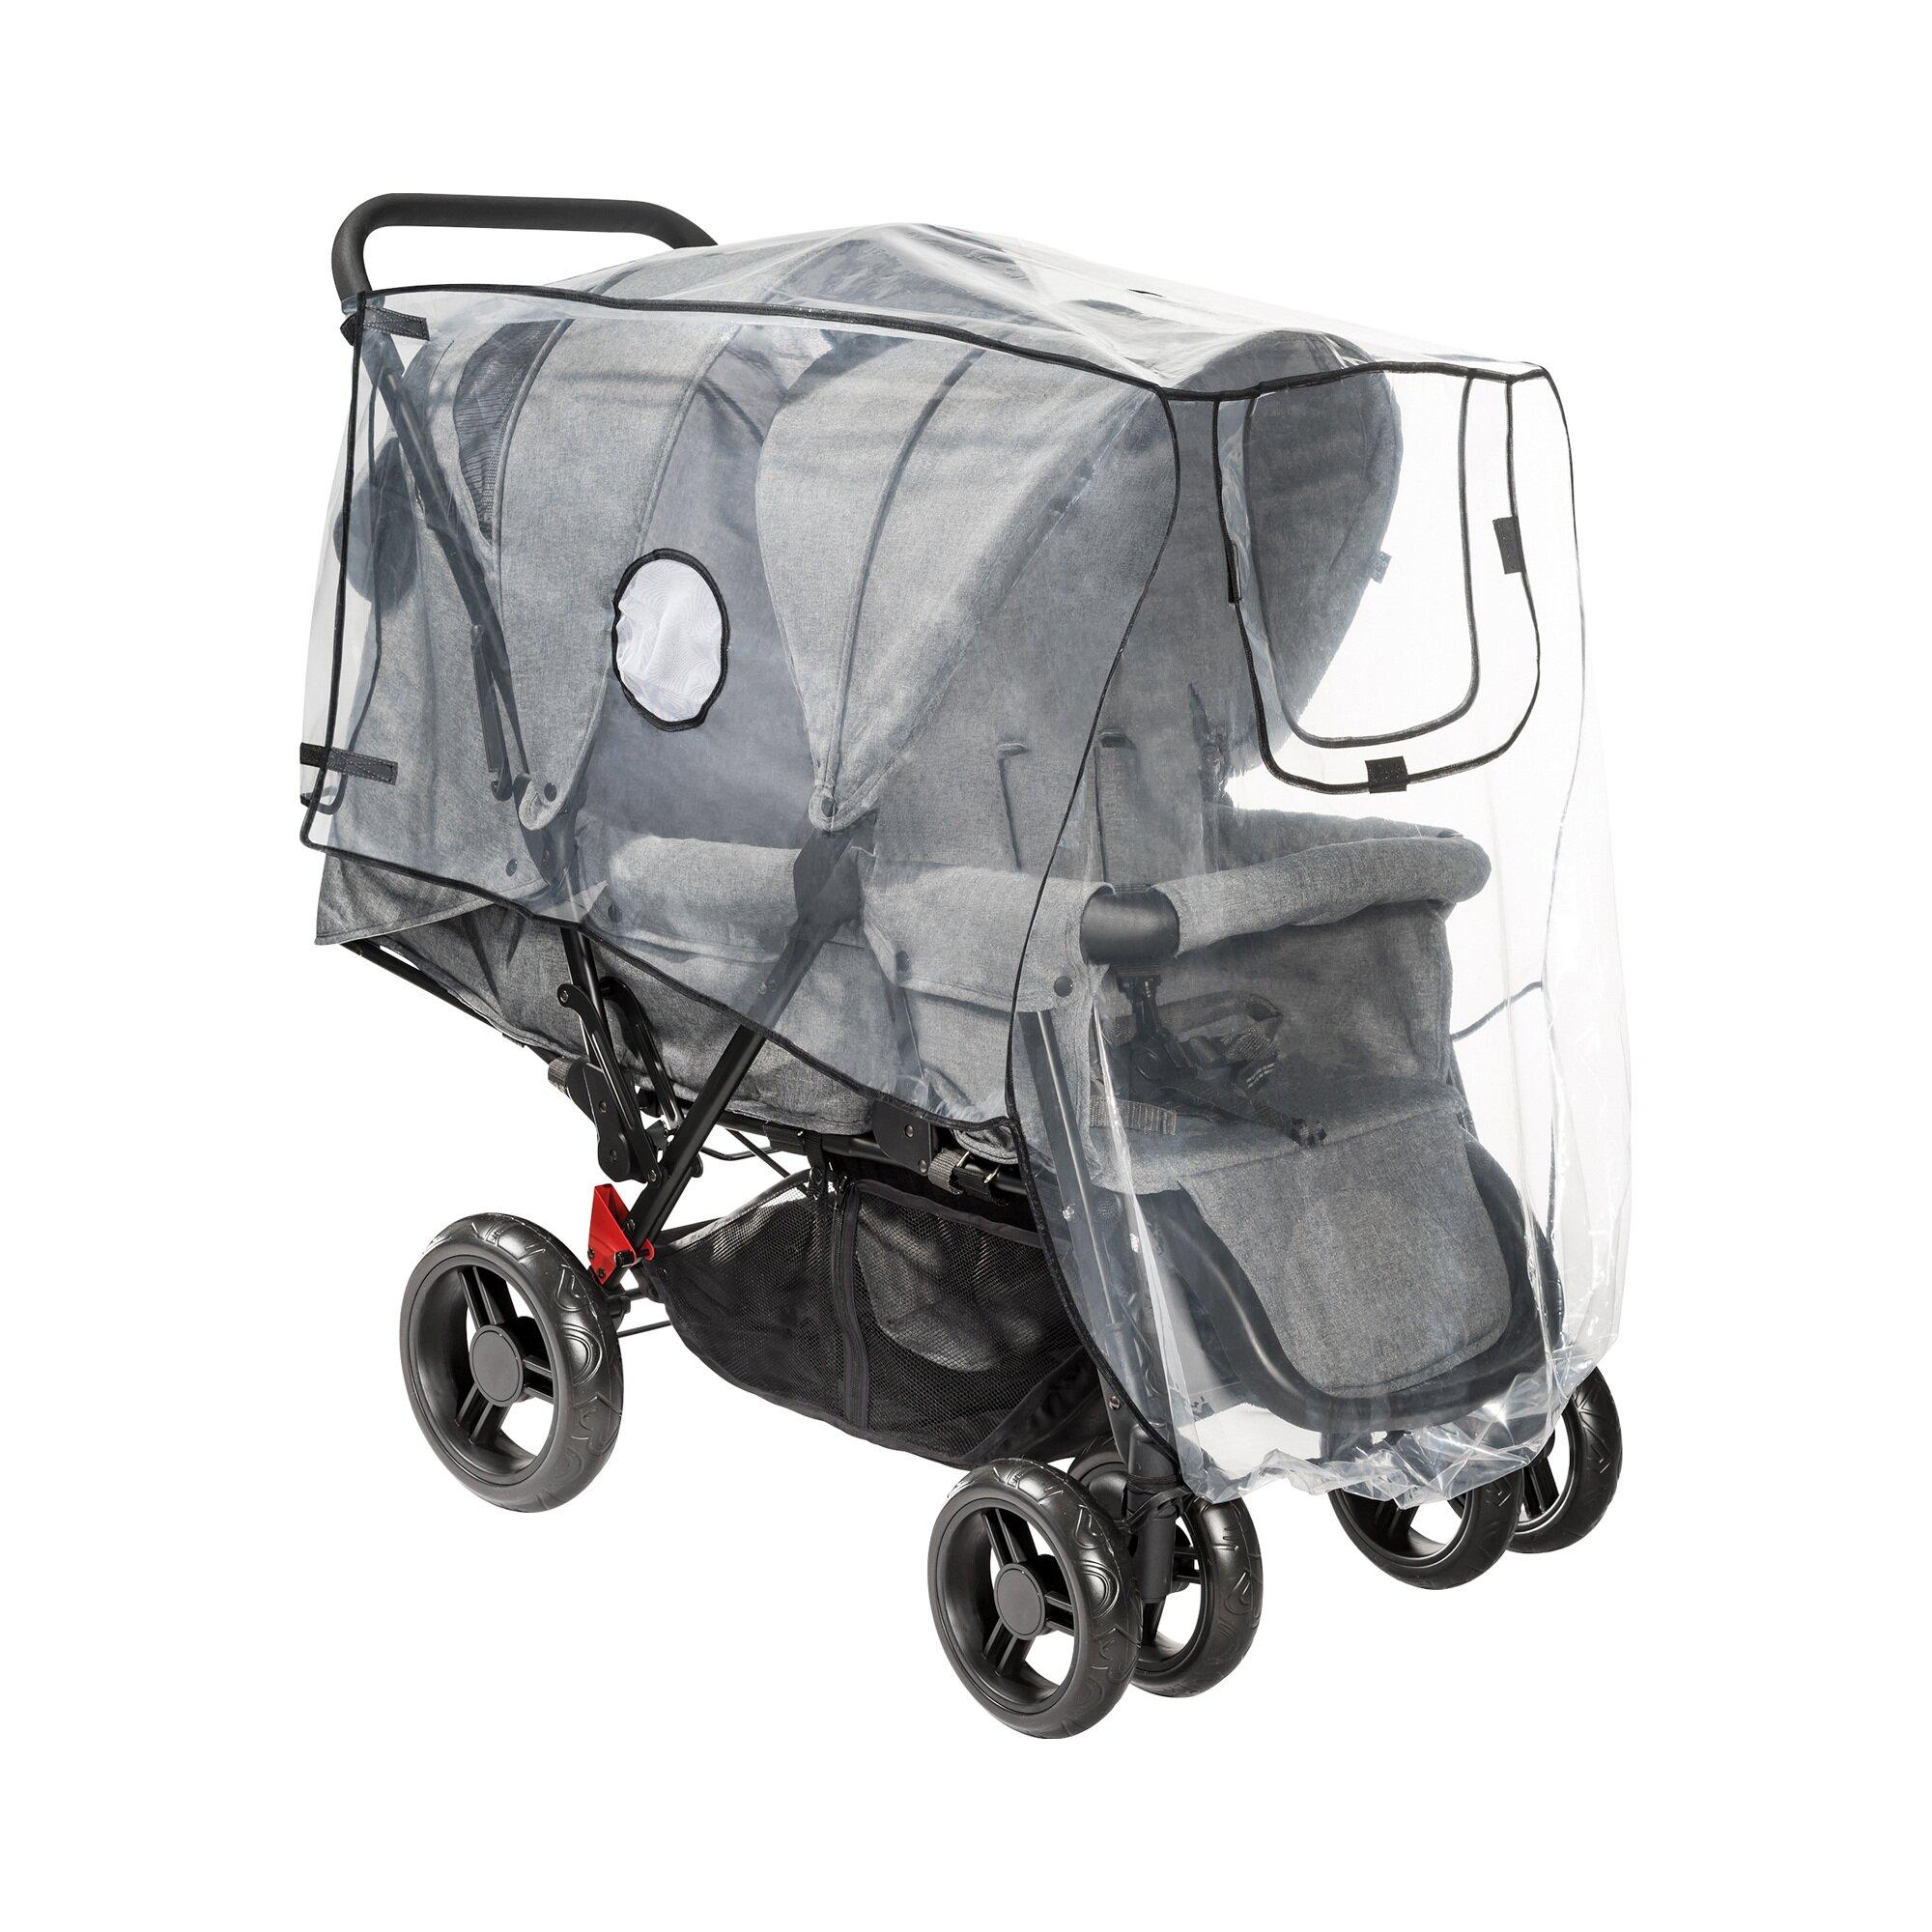 Reer Universal Regenschutz für Kinderwagen Geschwisterwagen transparent